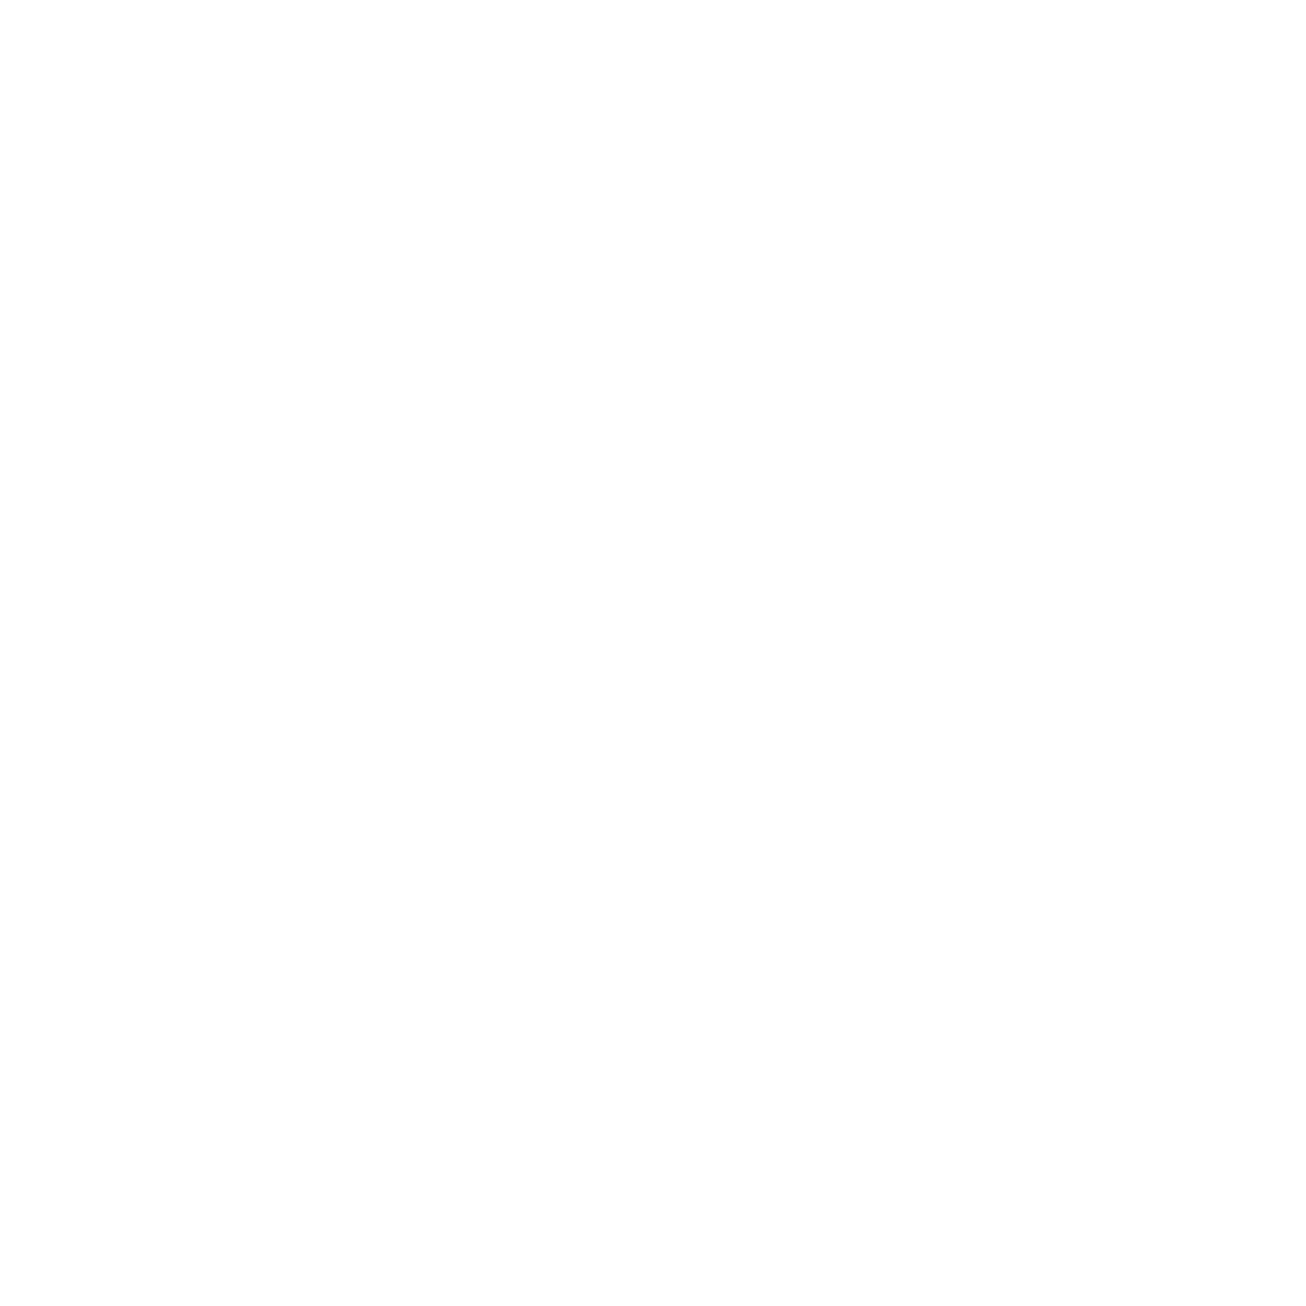 Logo Recapol cuadrado blanco